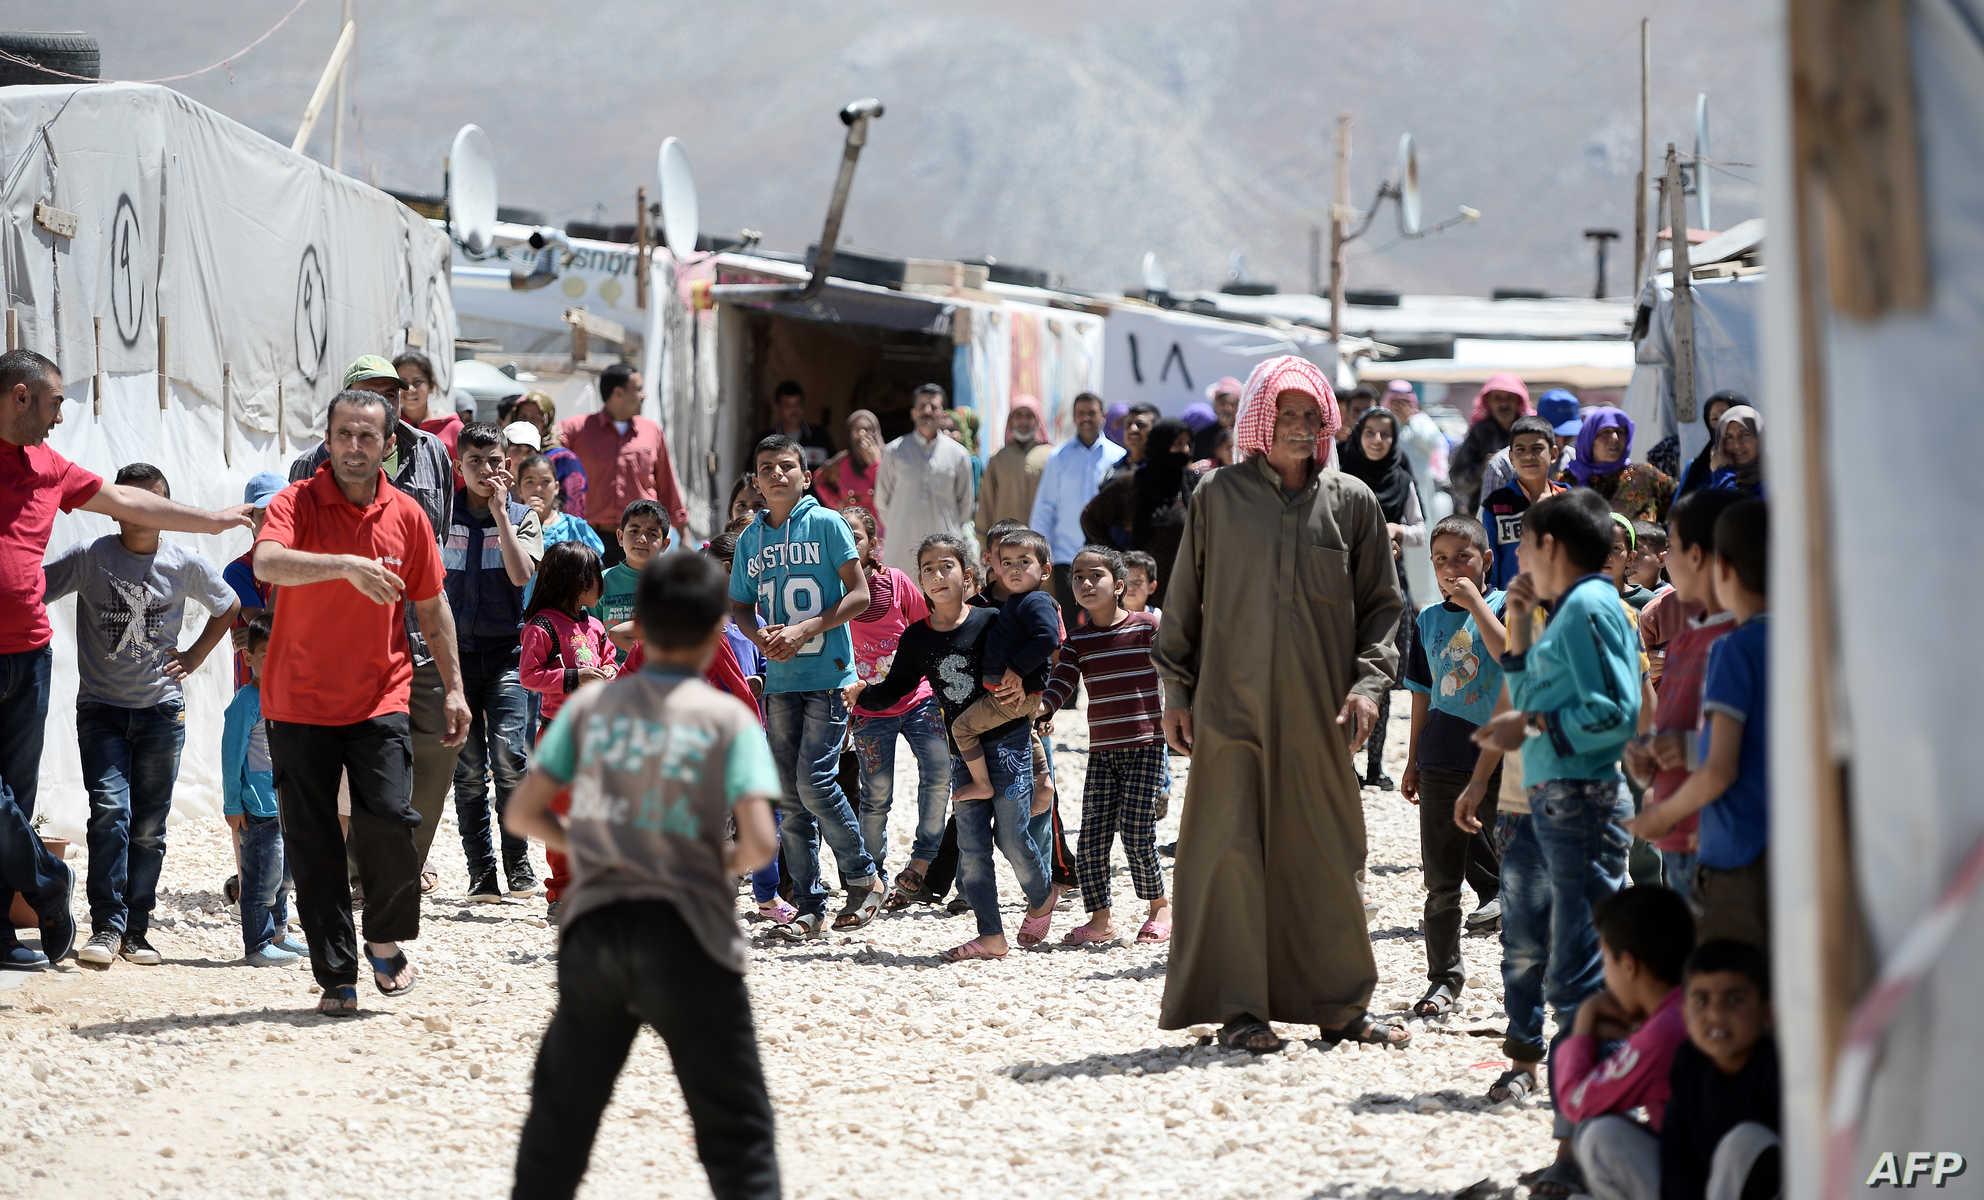 الأمم المتحدة تعرب عن قلقها إزاء سوء معاملة اللاجئين السوريين في لبنان